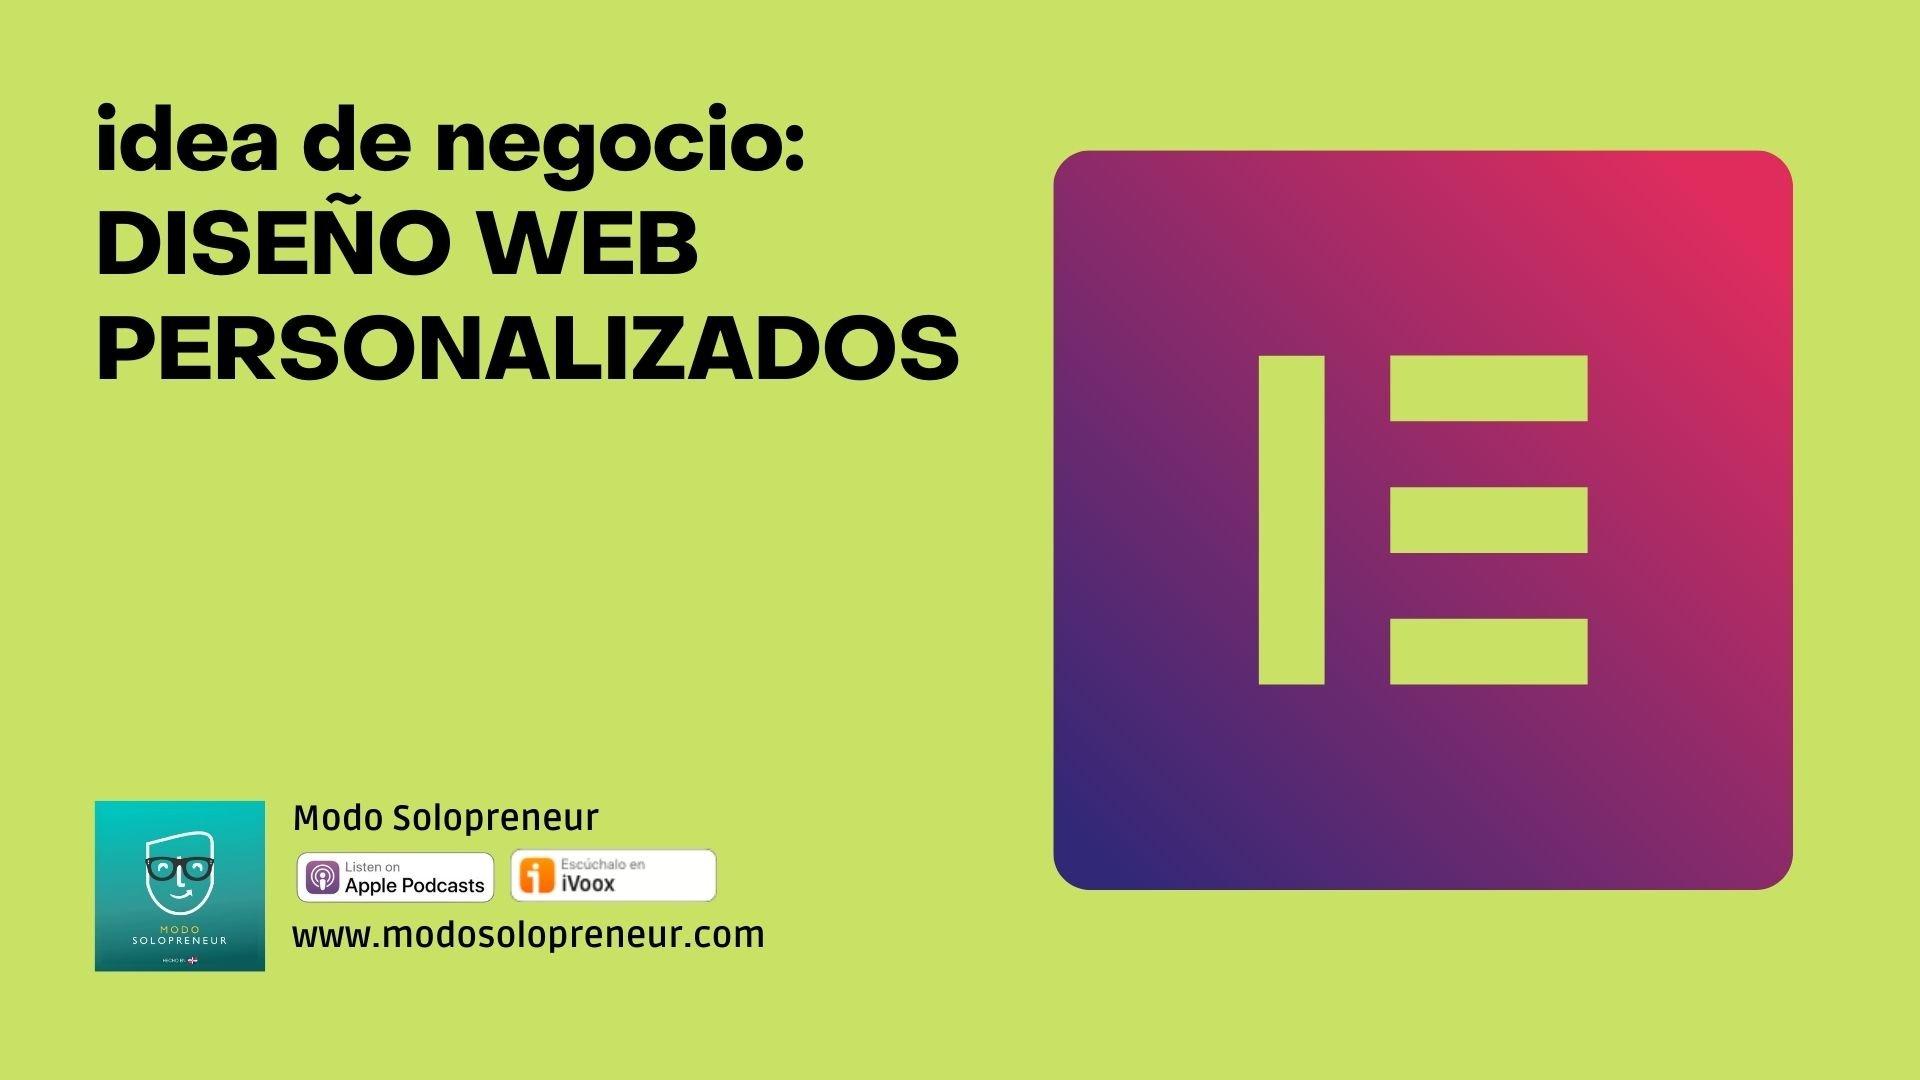 Idea de negocio: Diseños personalizados para páginas webs